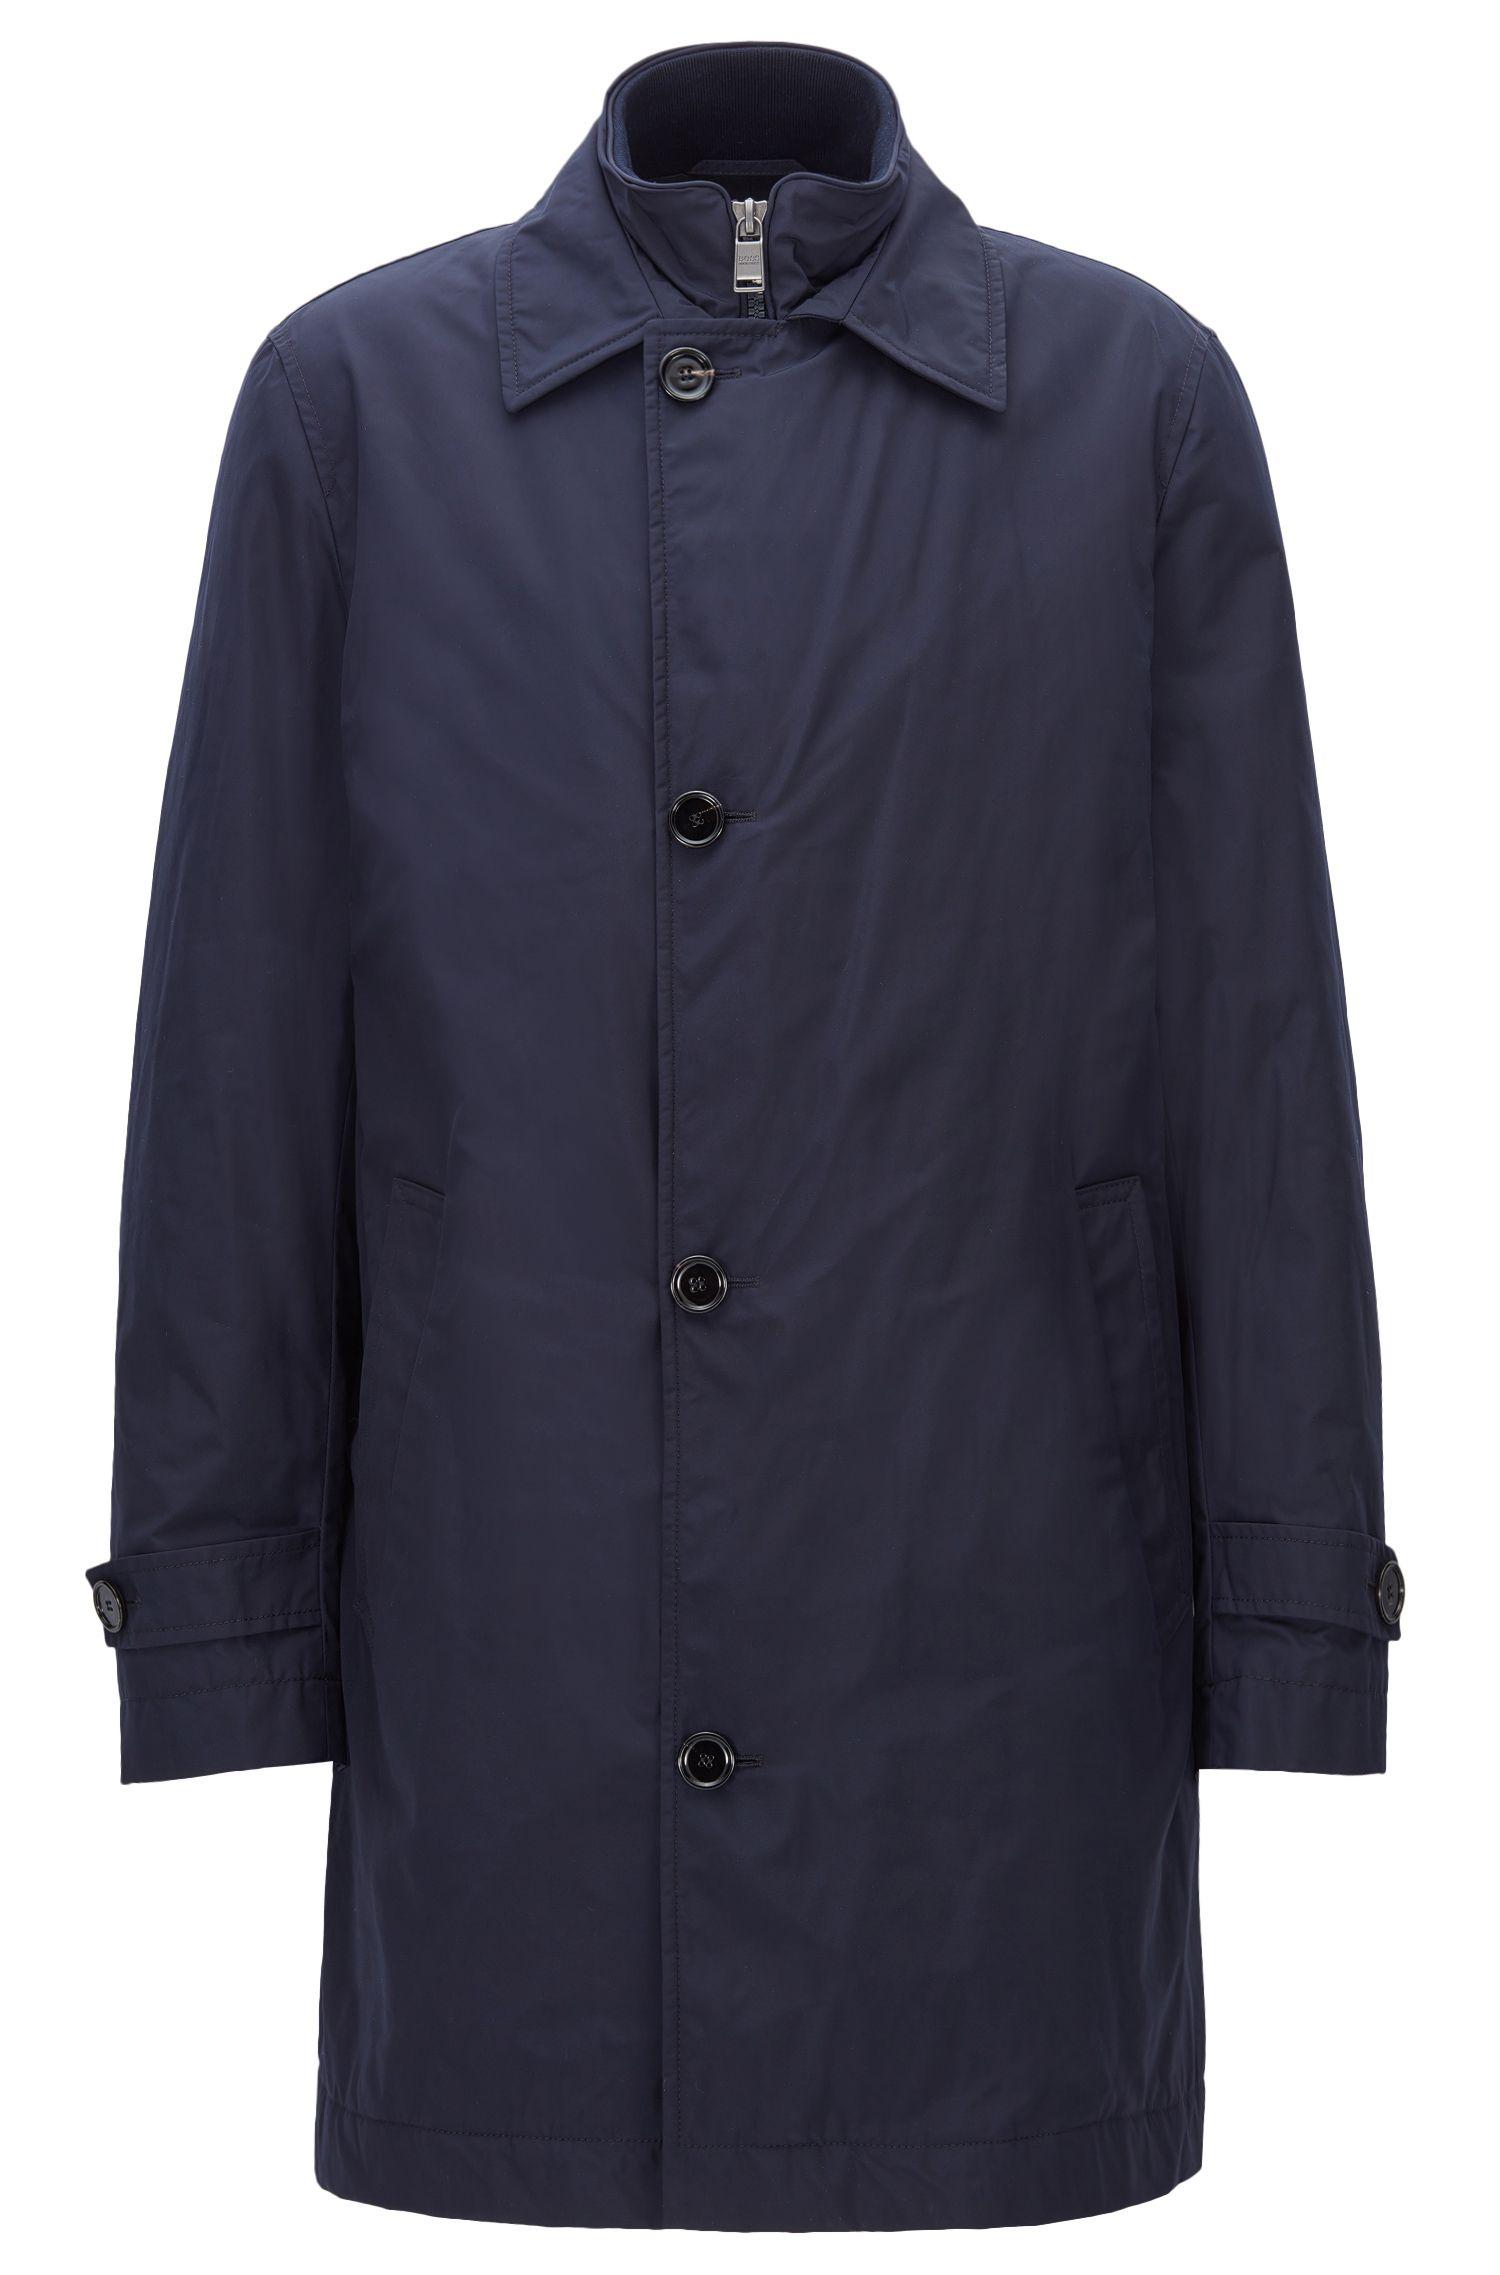 Manteau Slim Fit en tissu technique imperméable